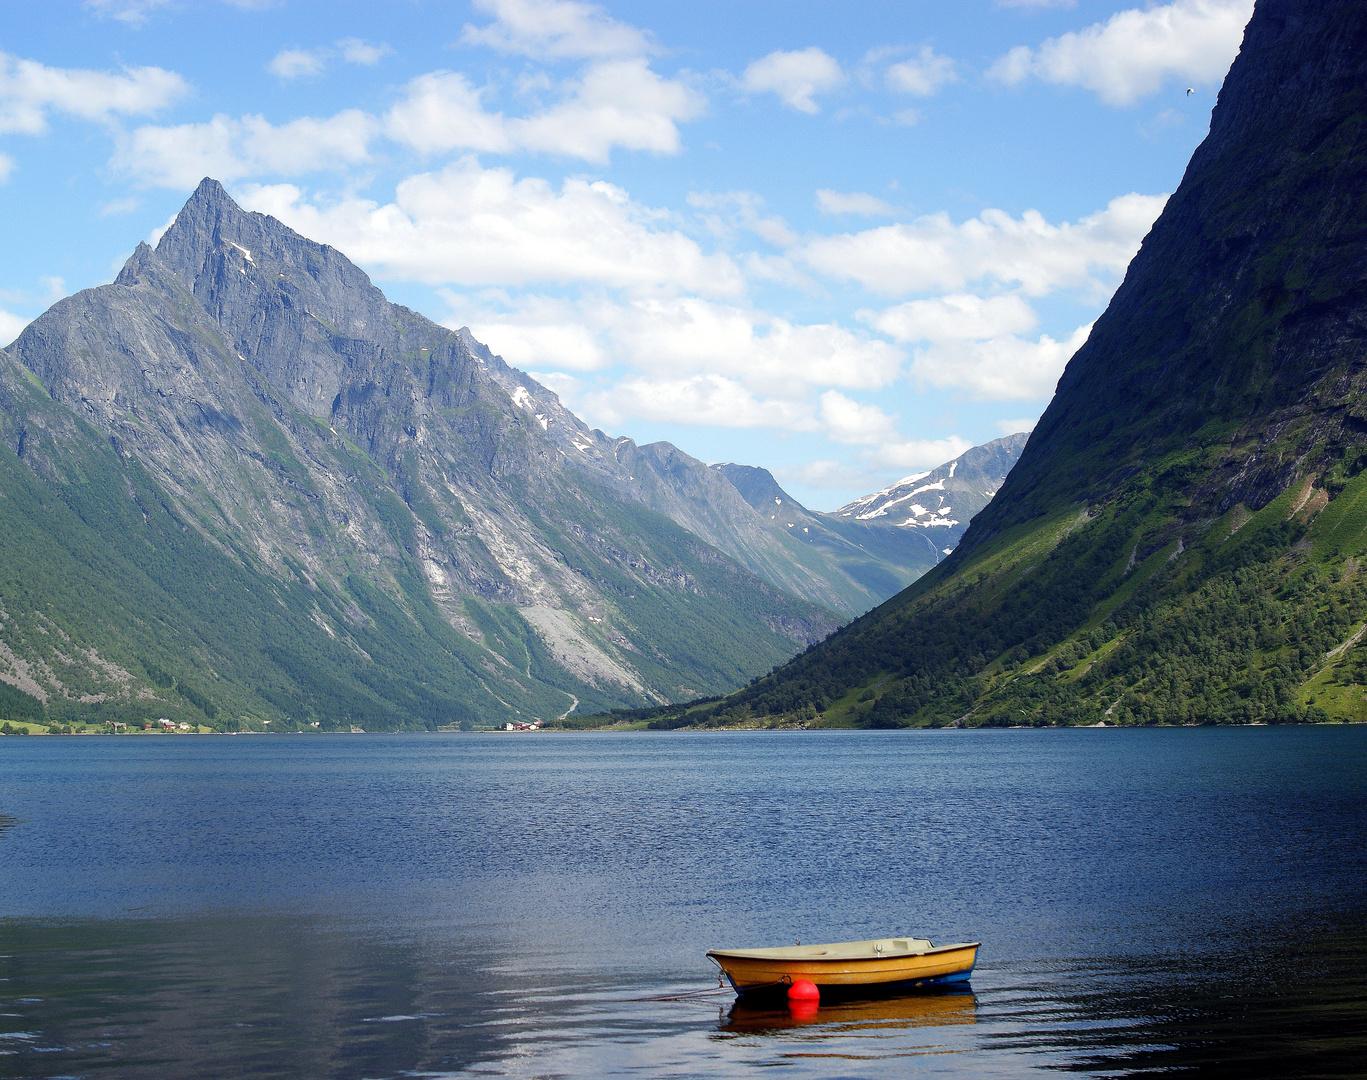 Auf dem Weg zum Geirangerfjord